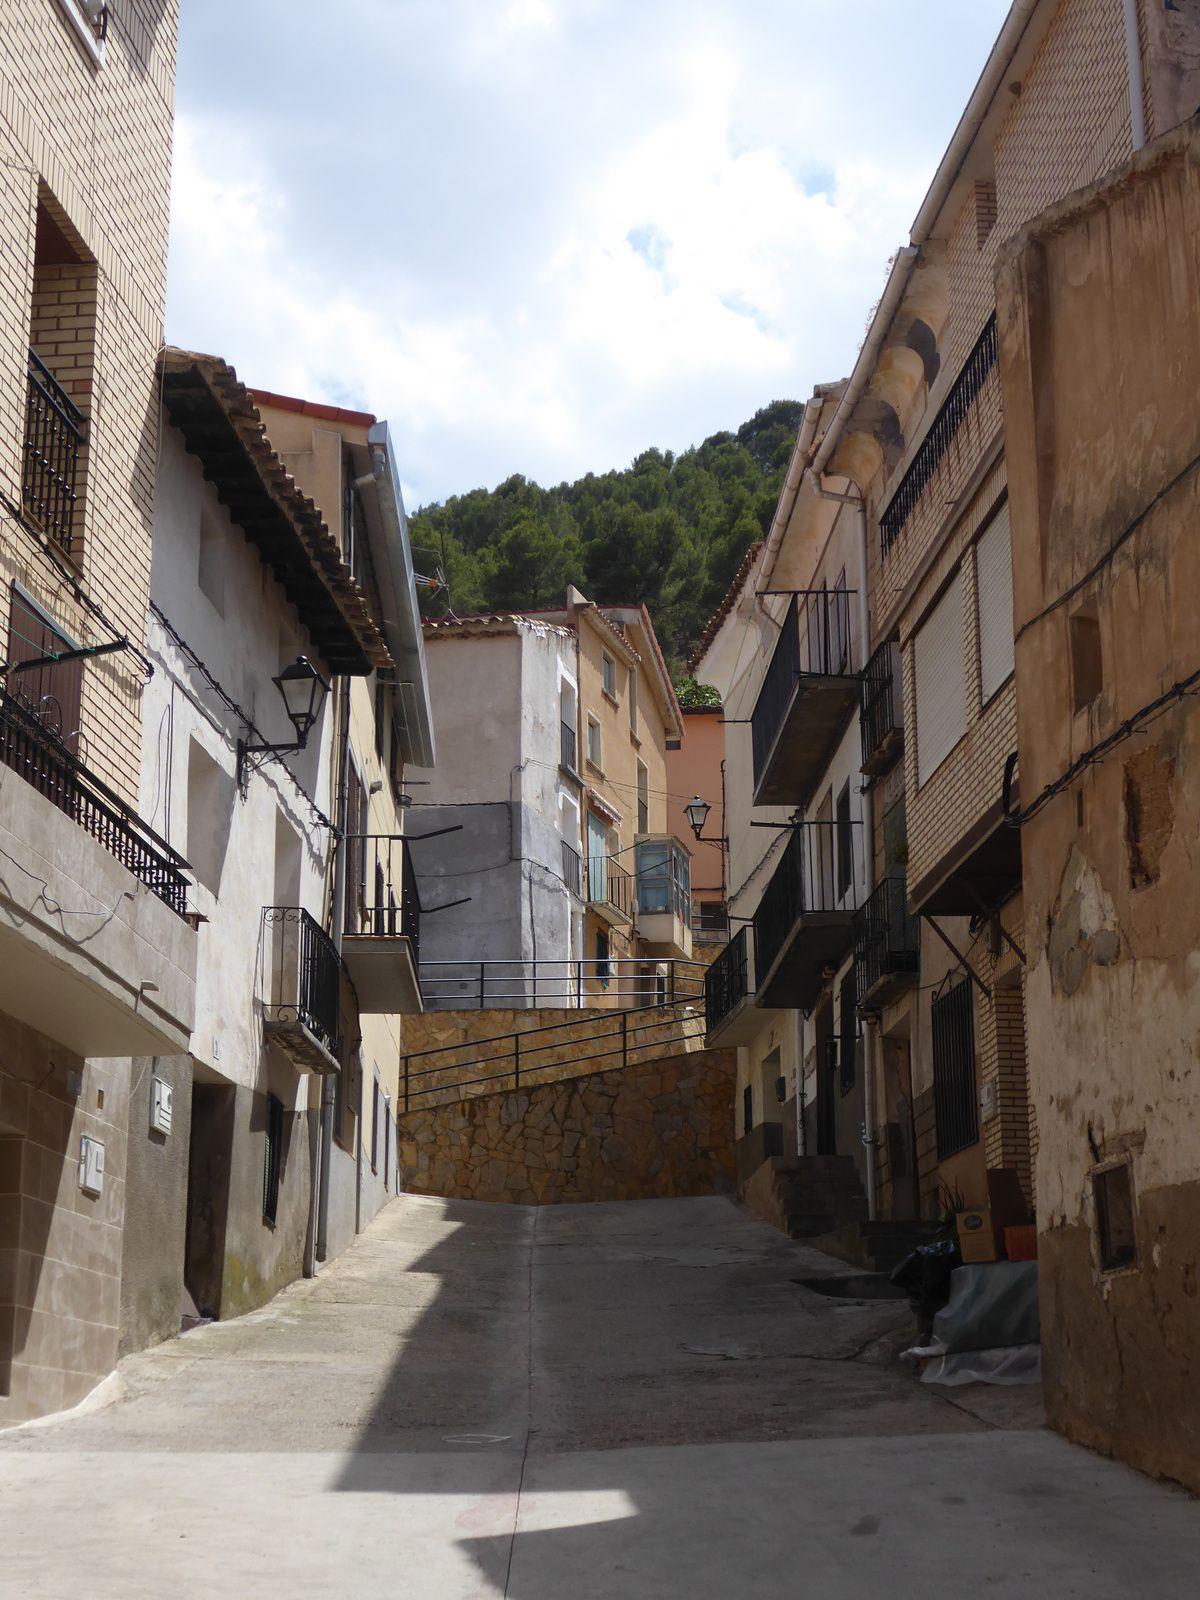 Espagne 2019 #12 Aguilar del rio alhama et Inestrillas